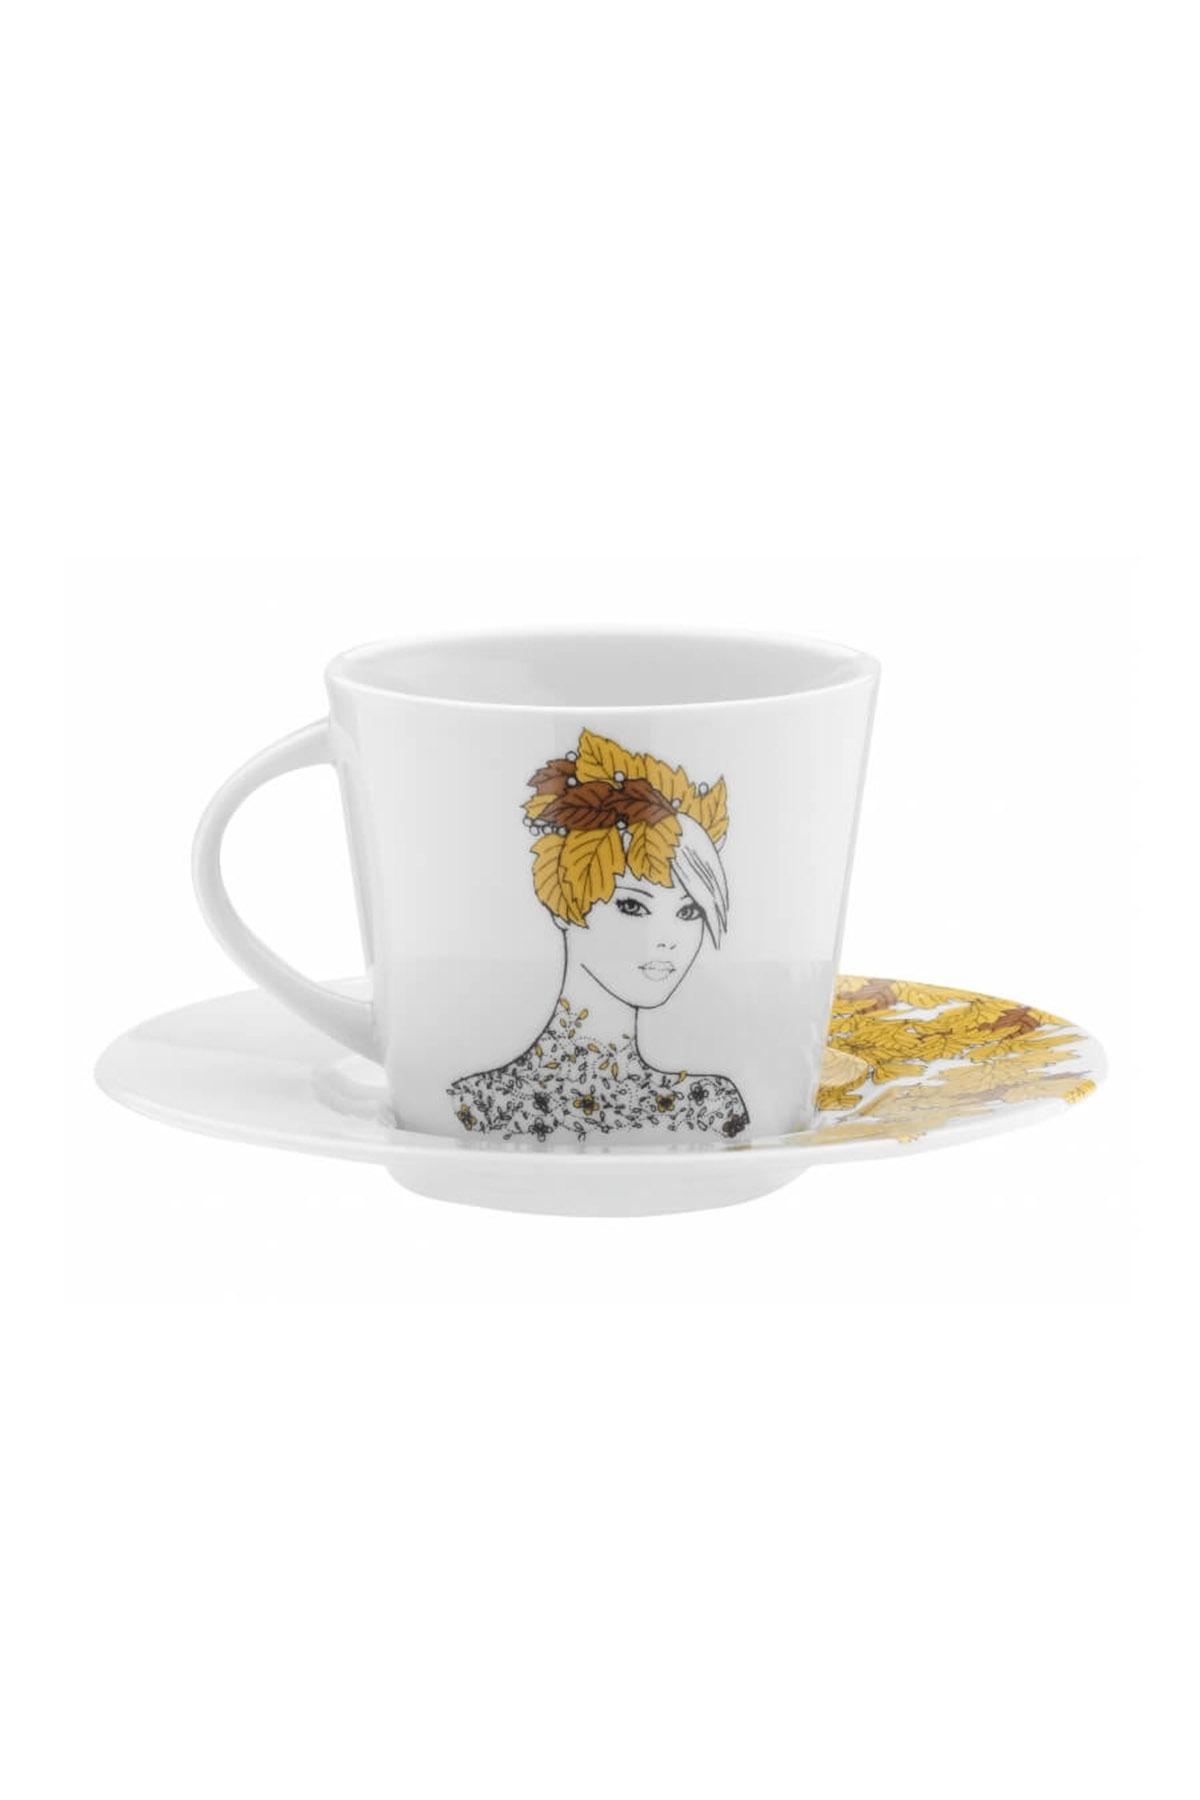 KÜTAHYA PORSELEN - Kütahya Porselen Kadınlarım Serisi 9446 Desen Çay Fincan Takımı